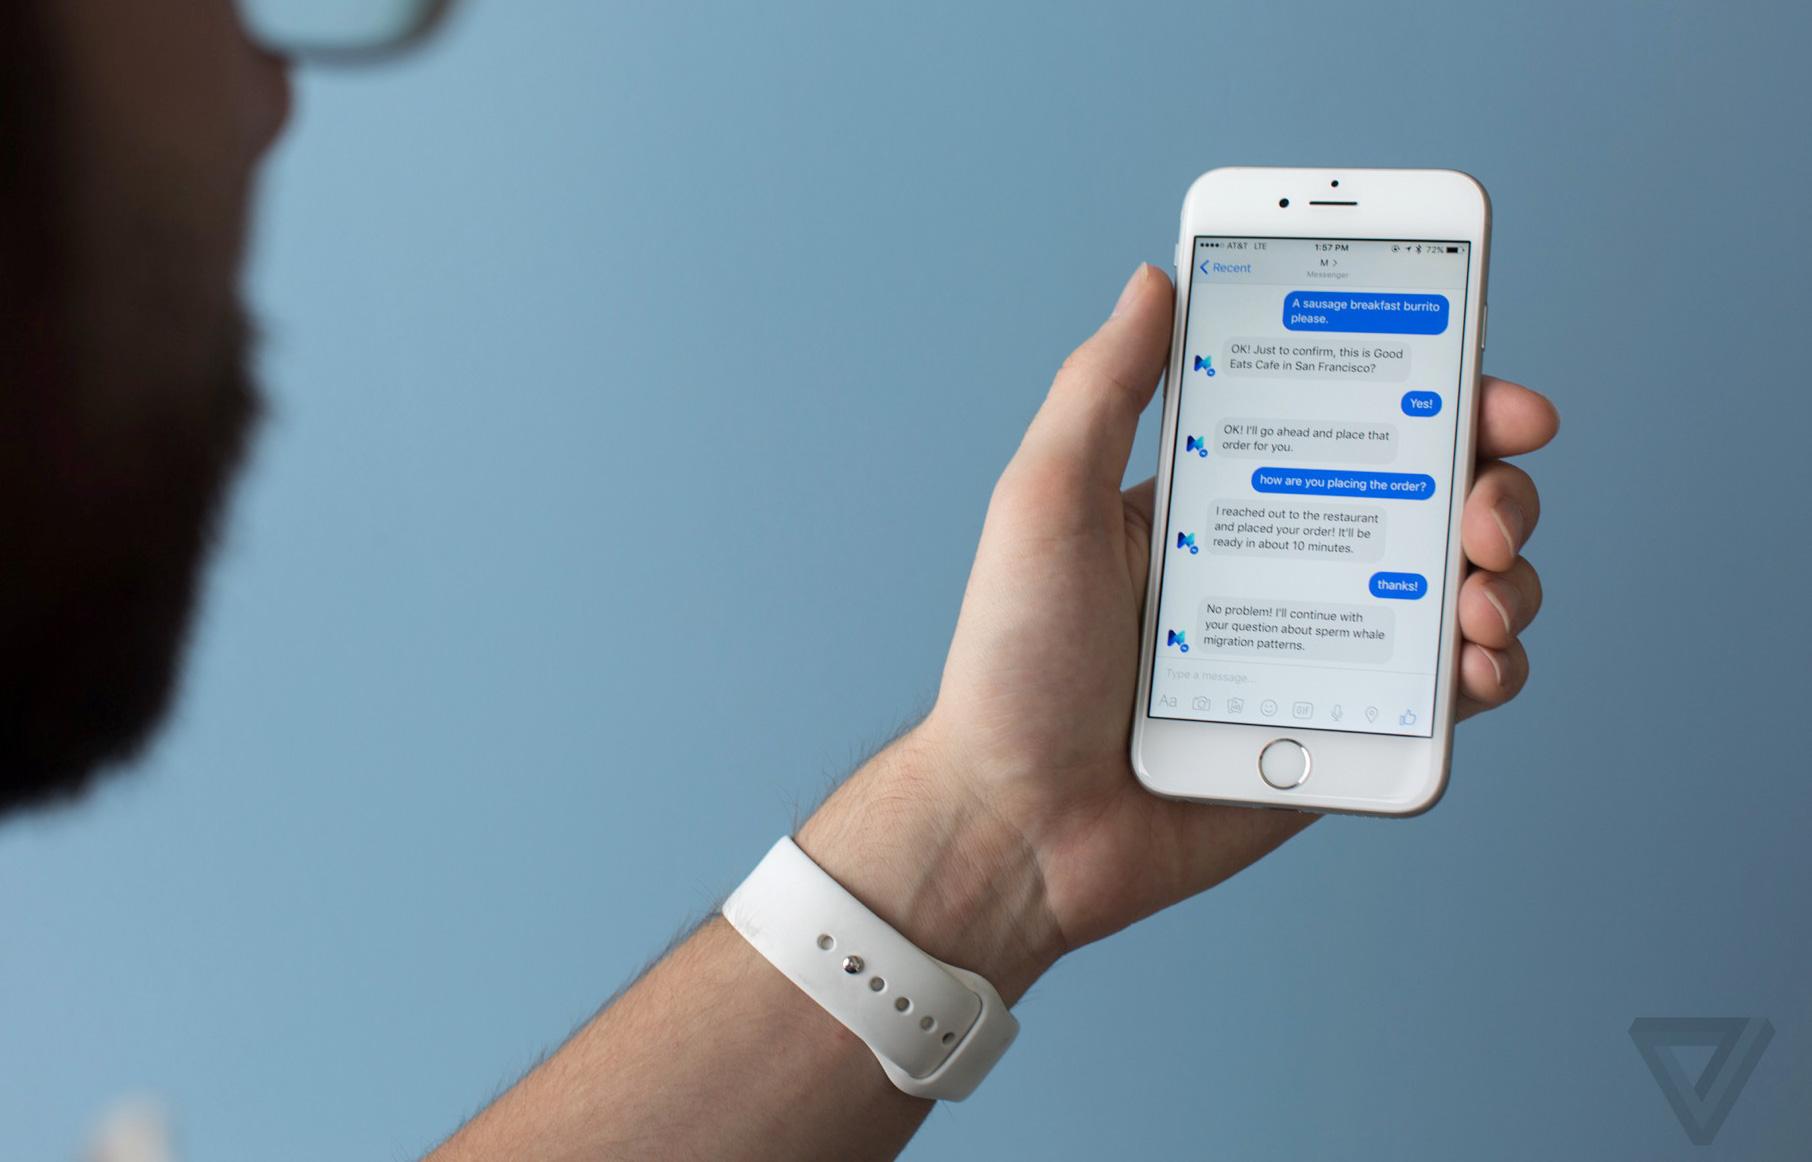 Fördelarna med Facebook Messenger som de flesta marknadsförare & företag missar